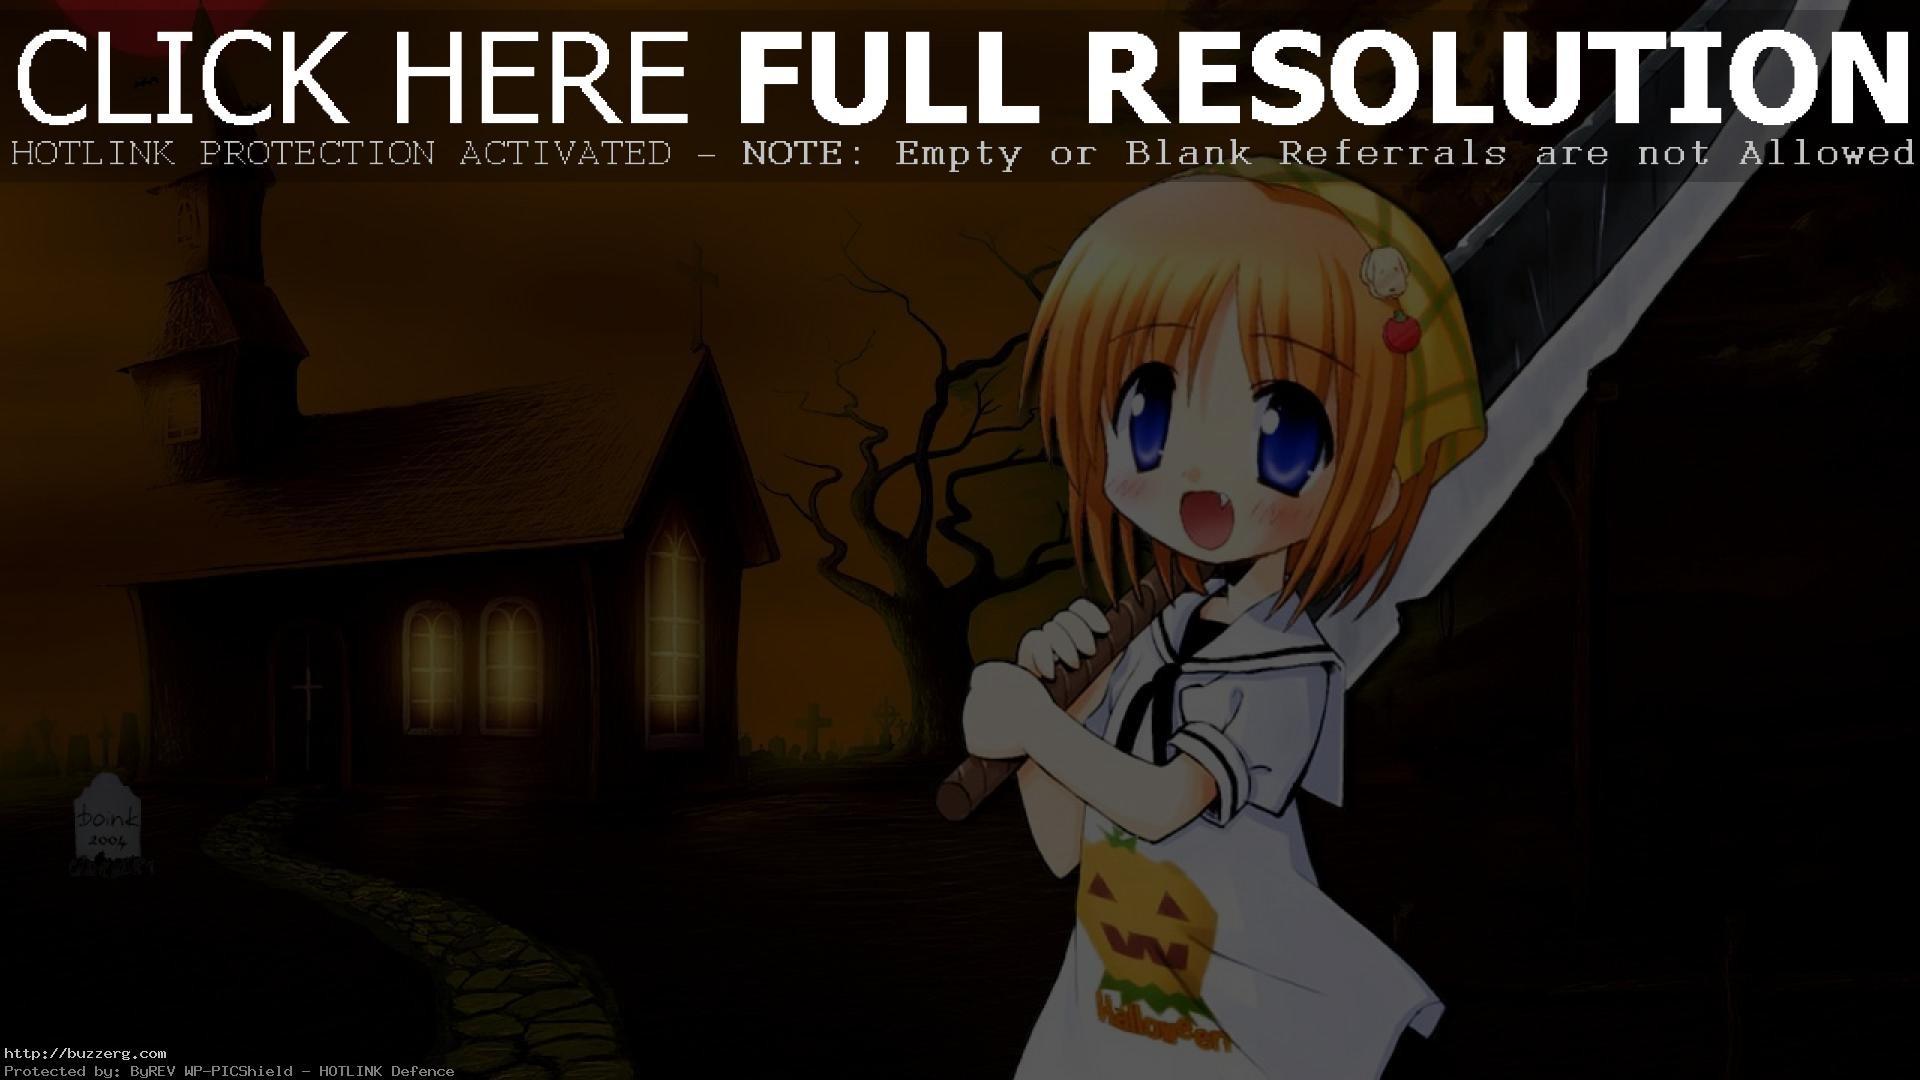 Halloween Anime Girl (id: 24408)